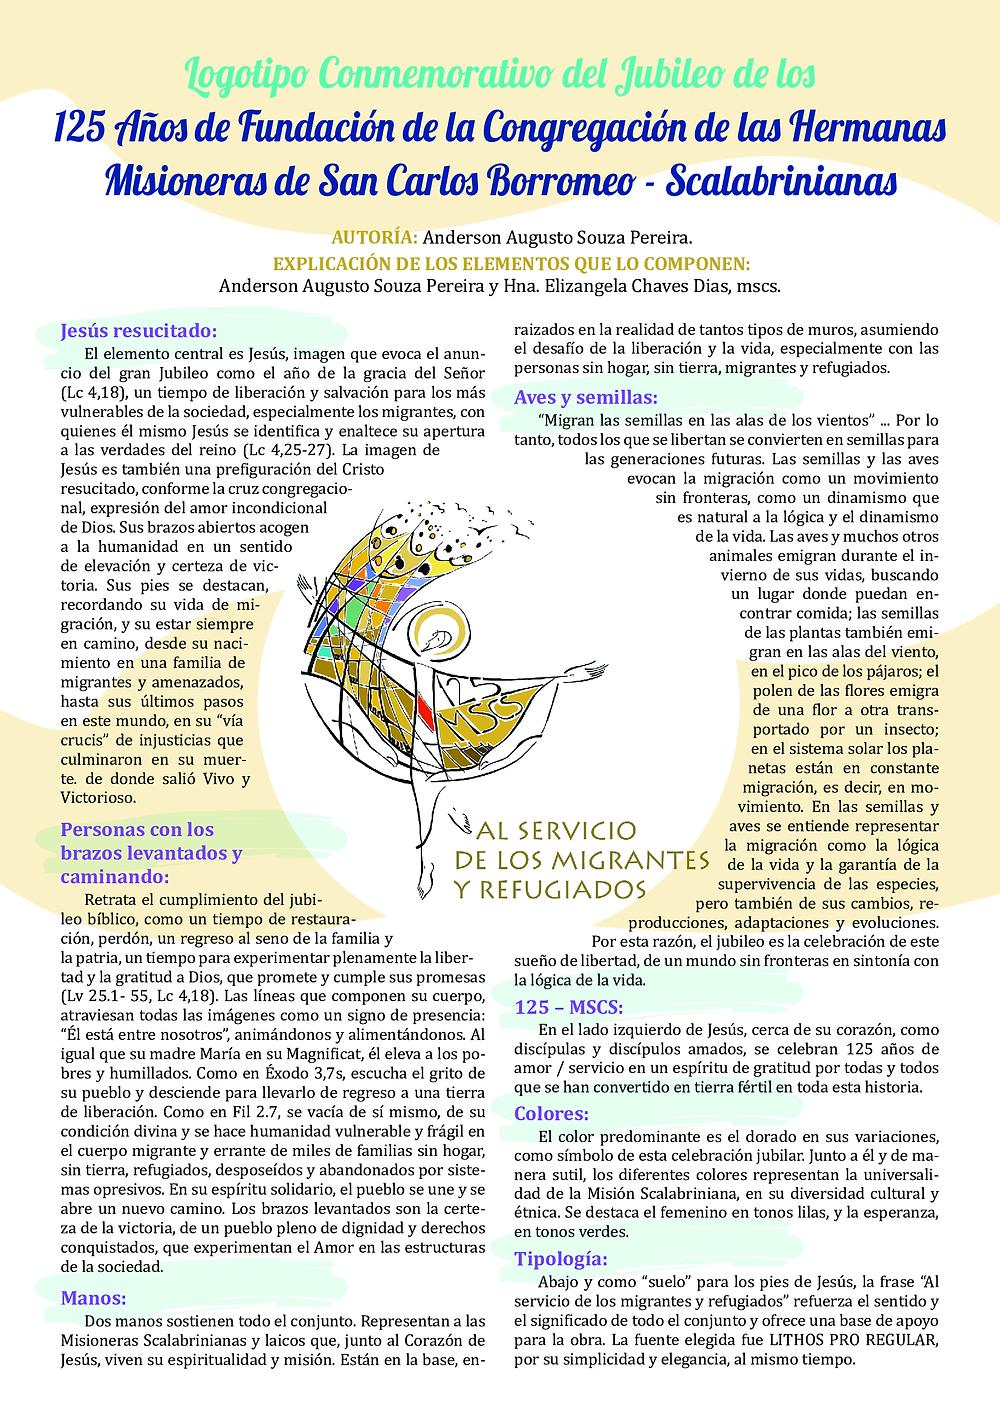 Infografía con nel logo en el medio y el texto de esta noticia al rededor. En letras negrasy doradas en fondo amarillo tenue y blanco.